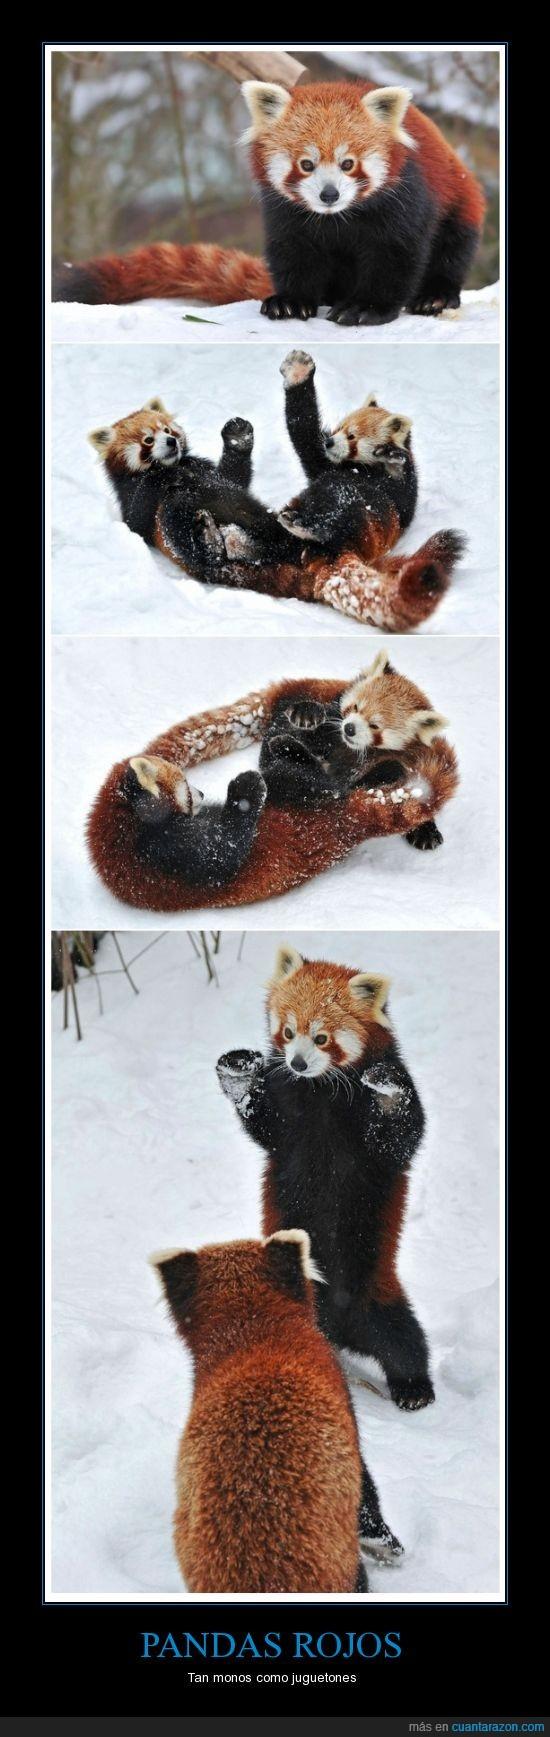 jugar,luchar,nieve,panda,pelea,rojo